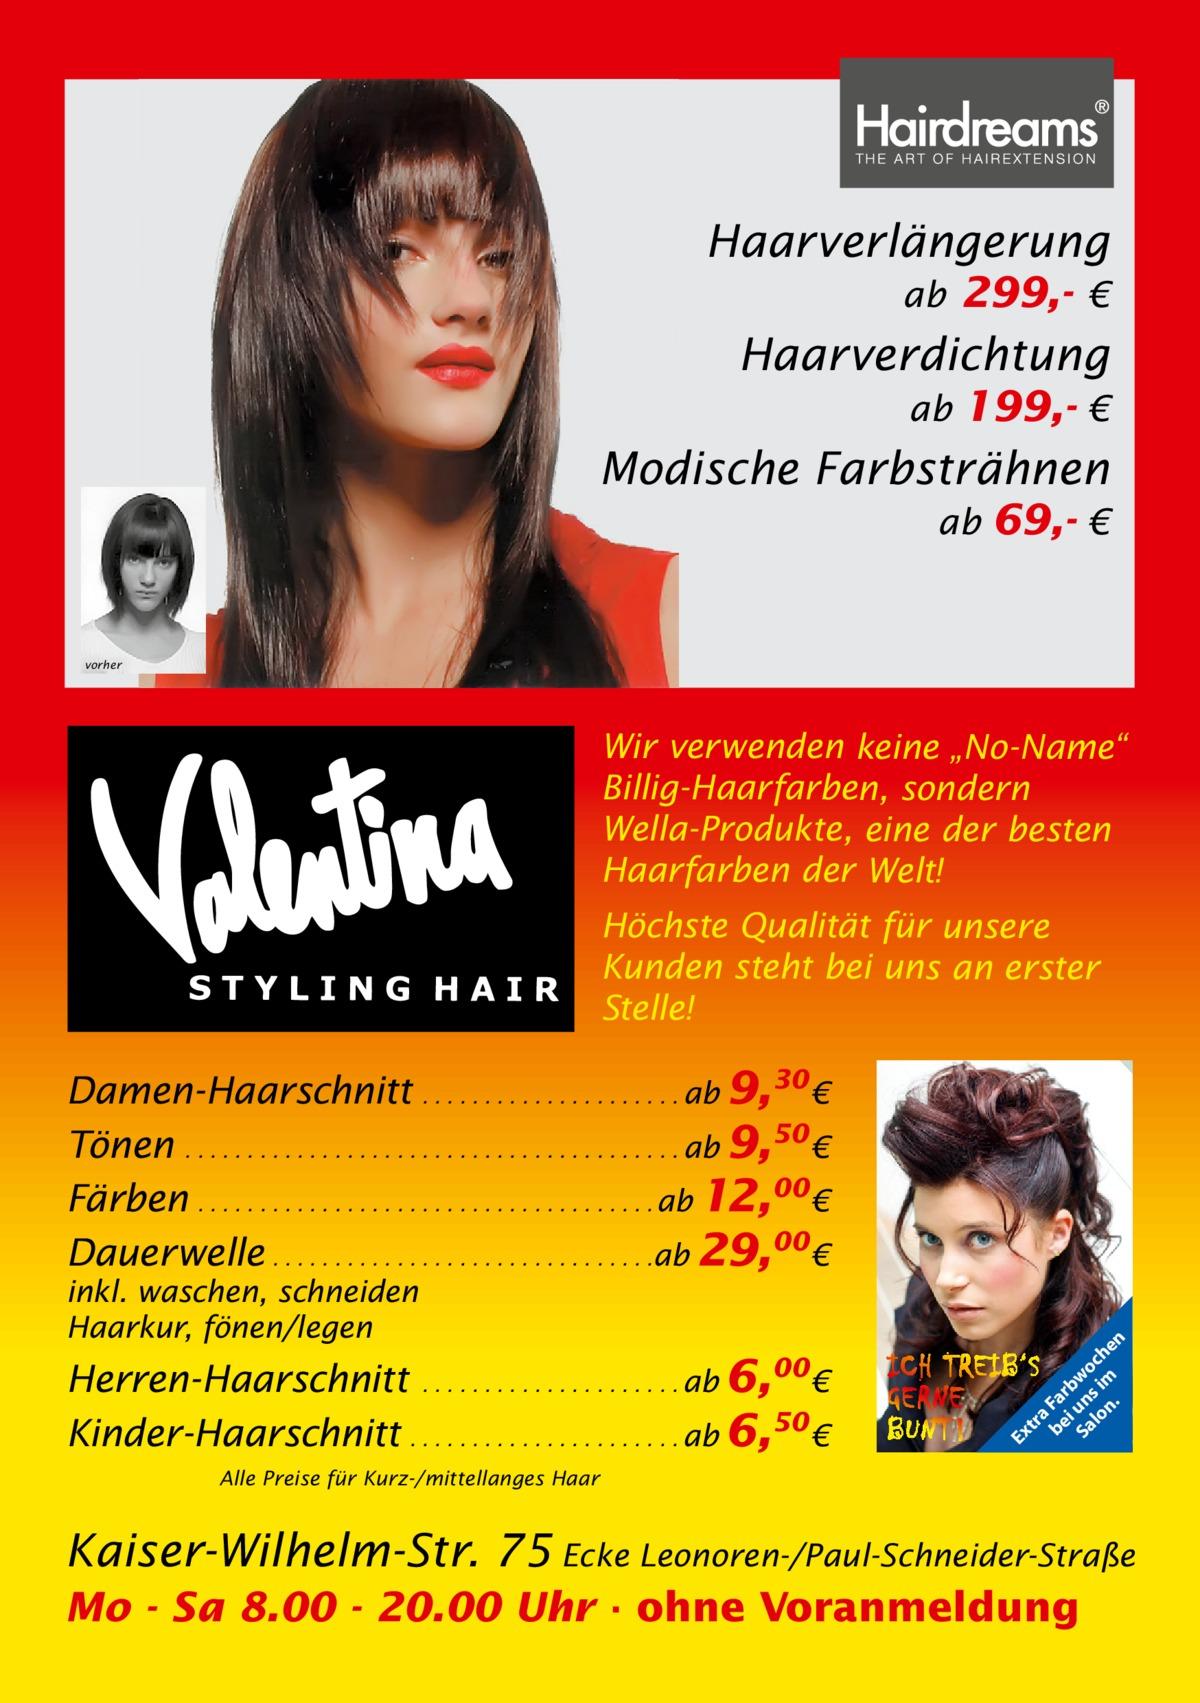 """Haarverlängerung ab 299,- €  Haarverdichtung ab 199,- €  Modische Farbsträhnen ab 69,- €  vorher  Wir verwenden keine """"No-Name"""" Billig-Haarfarben, sondern Wella-Produkte, eine der besten Haarfarben der Welt! Höchste Qualität für unsere Kunden steht bei uns an erster Stelle!  Herren-Haarschnitt . . . . . . . . . . . . . . . . . . . . . ab 6,00€ Kinder-Haarschnitt . . . . . . . . . . . . . . . . . . . . . . ab 6,50 €  Ex  inkl. waschen, schneiden Haarkur, fönen/legen  tr a be Fa i rb Sa un wo lo s im ch n. en  Damen-Haarschnitt . . . . . . . . . . . . . . . . . . . . . ab 9,30 € Tönen . . . . . . . . . . . . . . . . . . . . . . . . . . . . . . . . . . . . . . . . ab 9,50 € Färben . . . . . . . . . . . . . . . . . . . . . . . . . . . . . . . . . . . . . ab 12,00€ Dauerwelle . . . . . . . . . . . . . . . . . . . . . . . . . . . . . . .ab 29,00€  Alle Preise für Kurz-/mittellanges Haar  Kaiser-Wilhelm-Str. 75 Ecke Leonoren-/Paul-Schneider-Straße Mo - Sa 8.00 - 20.00 Uhr · ohne Voranmeldung"""